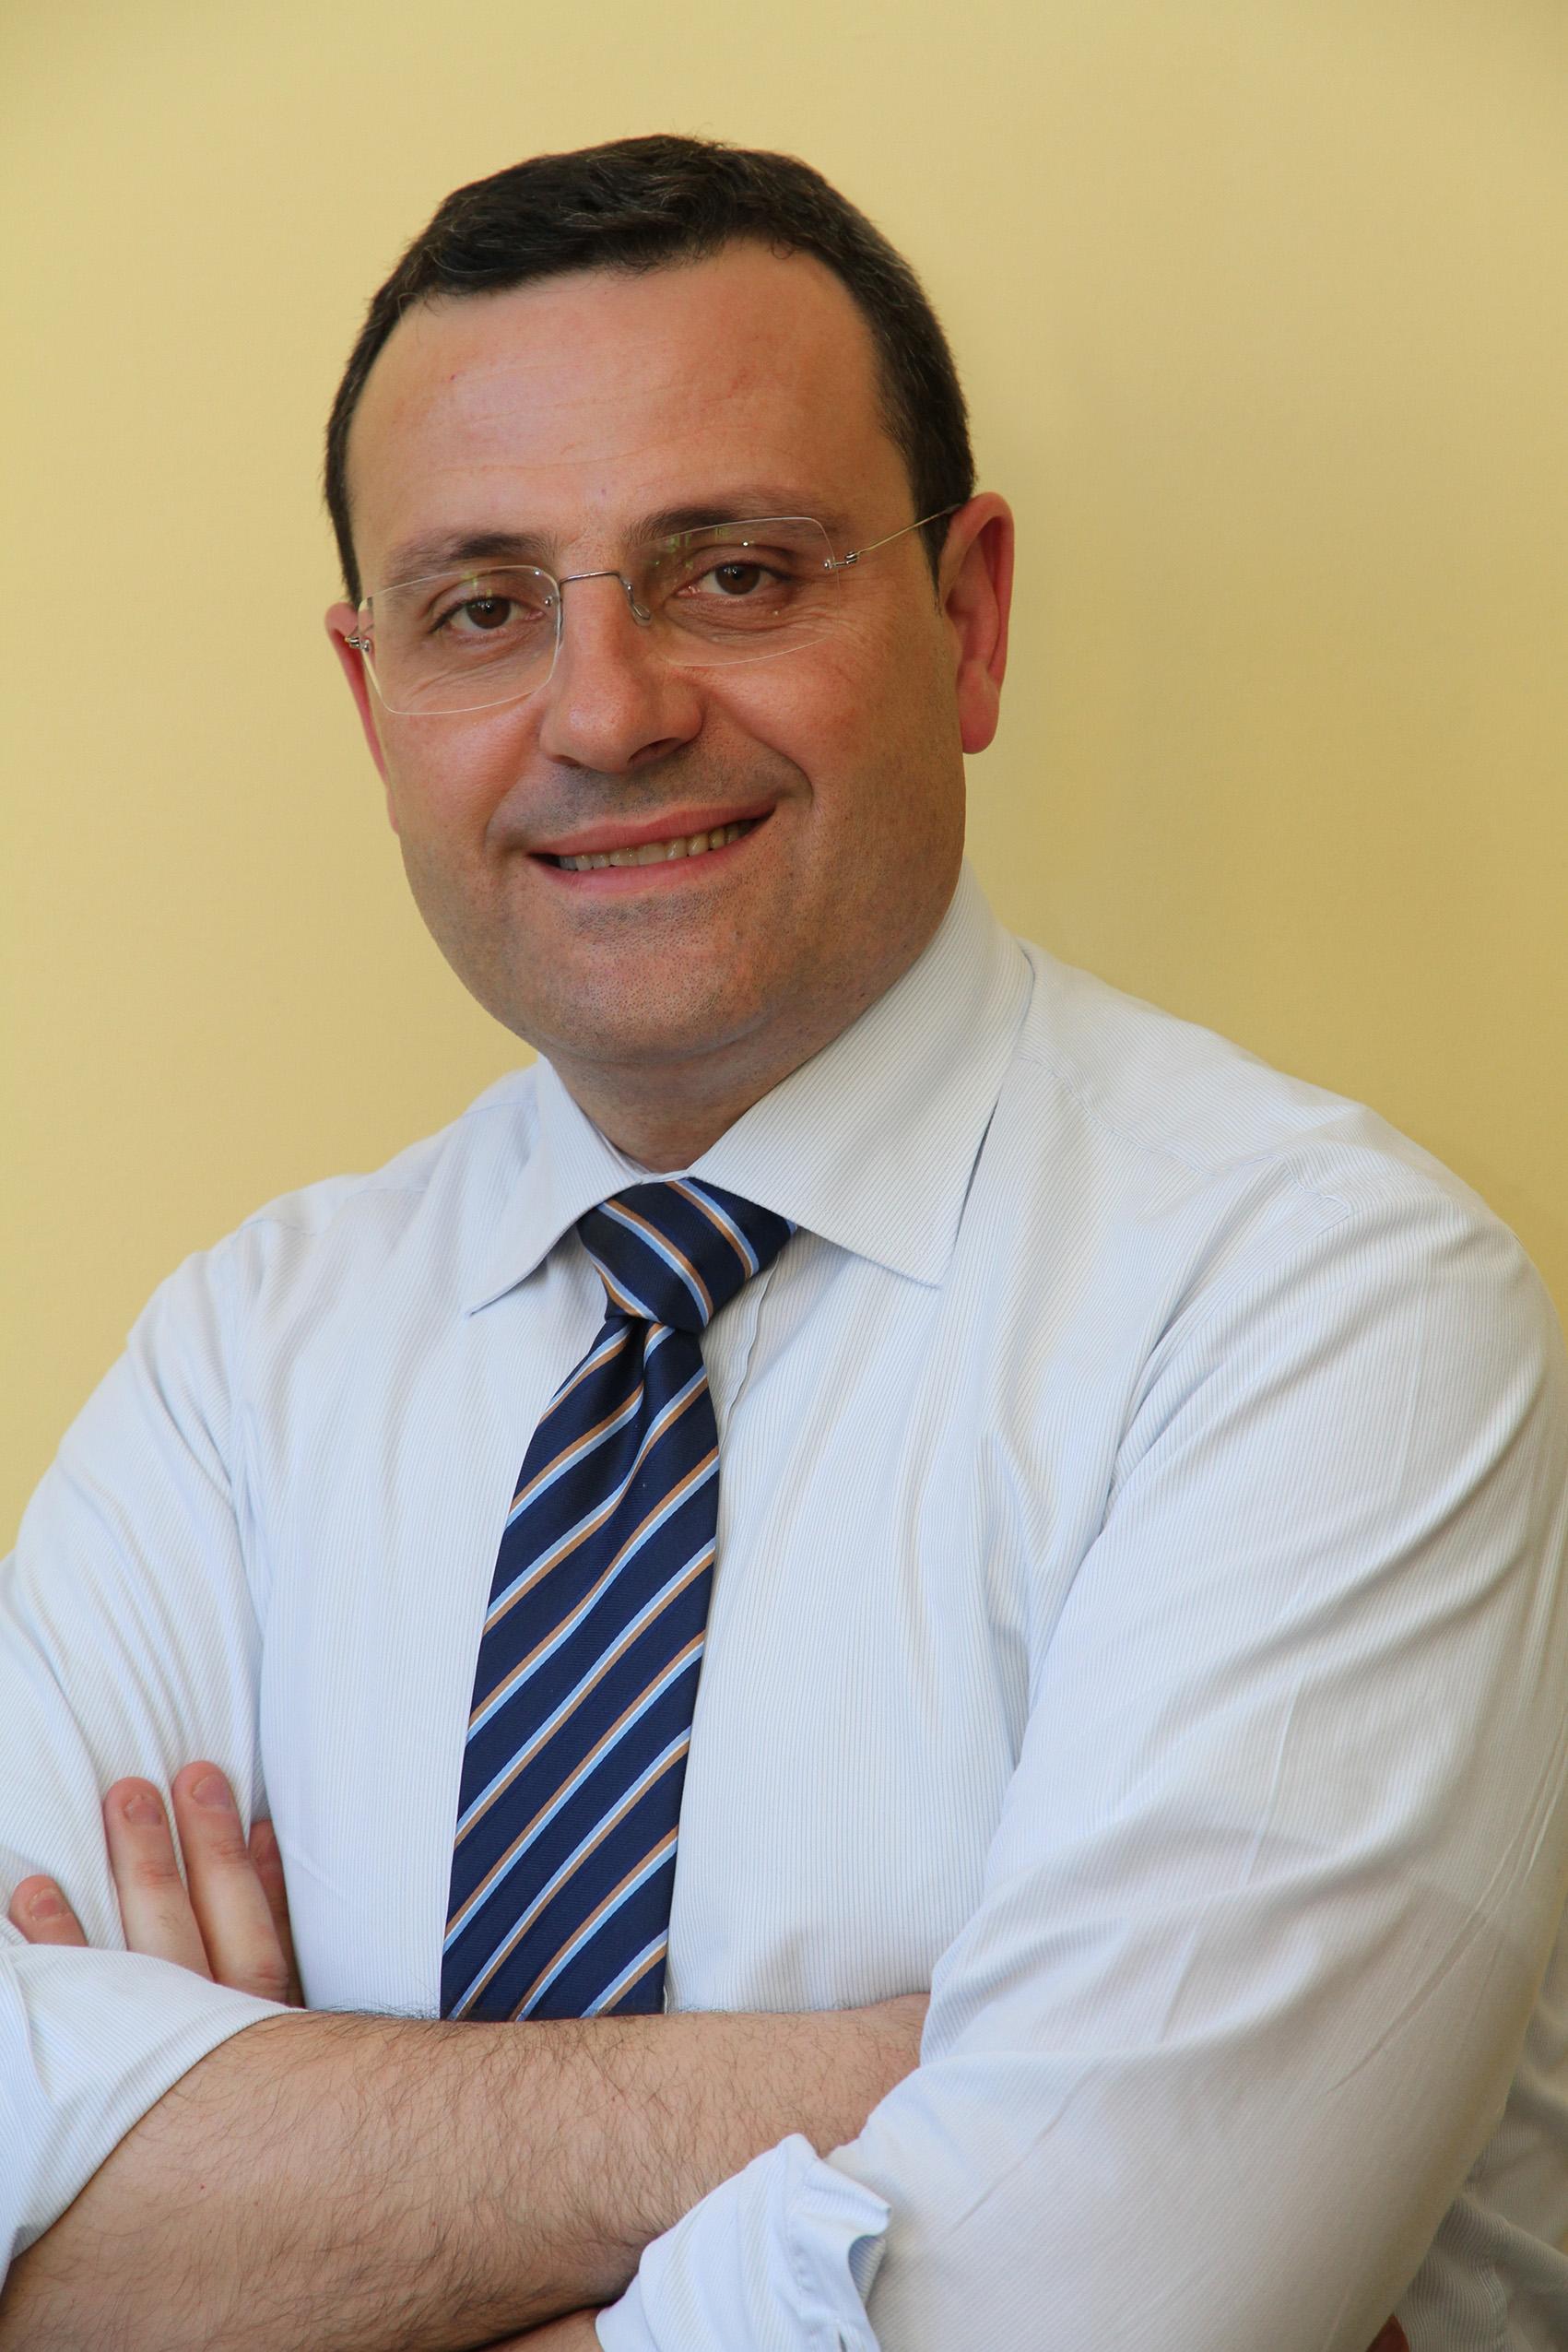 Graziano Lardo